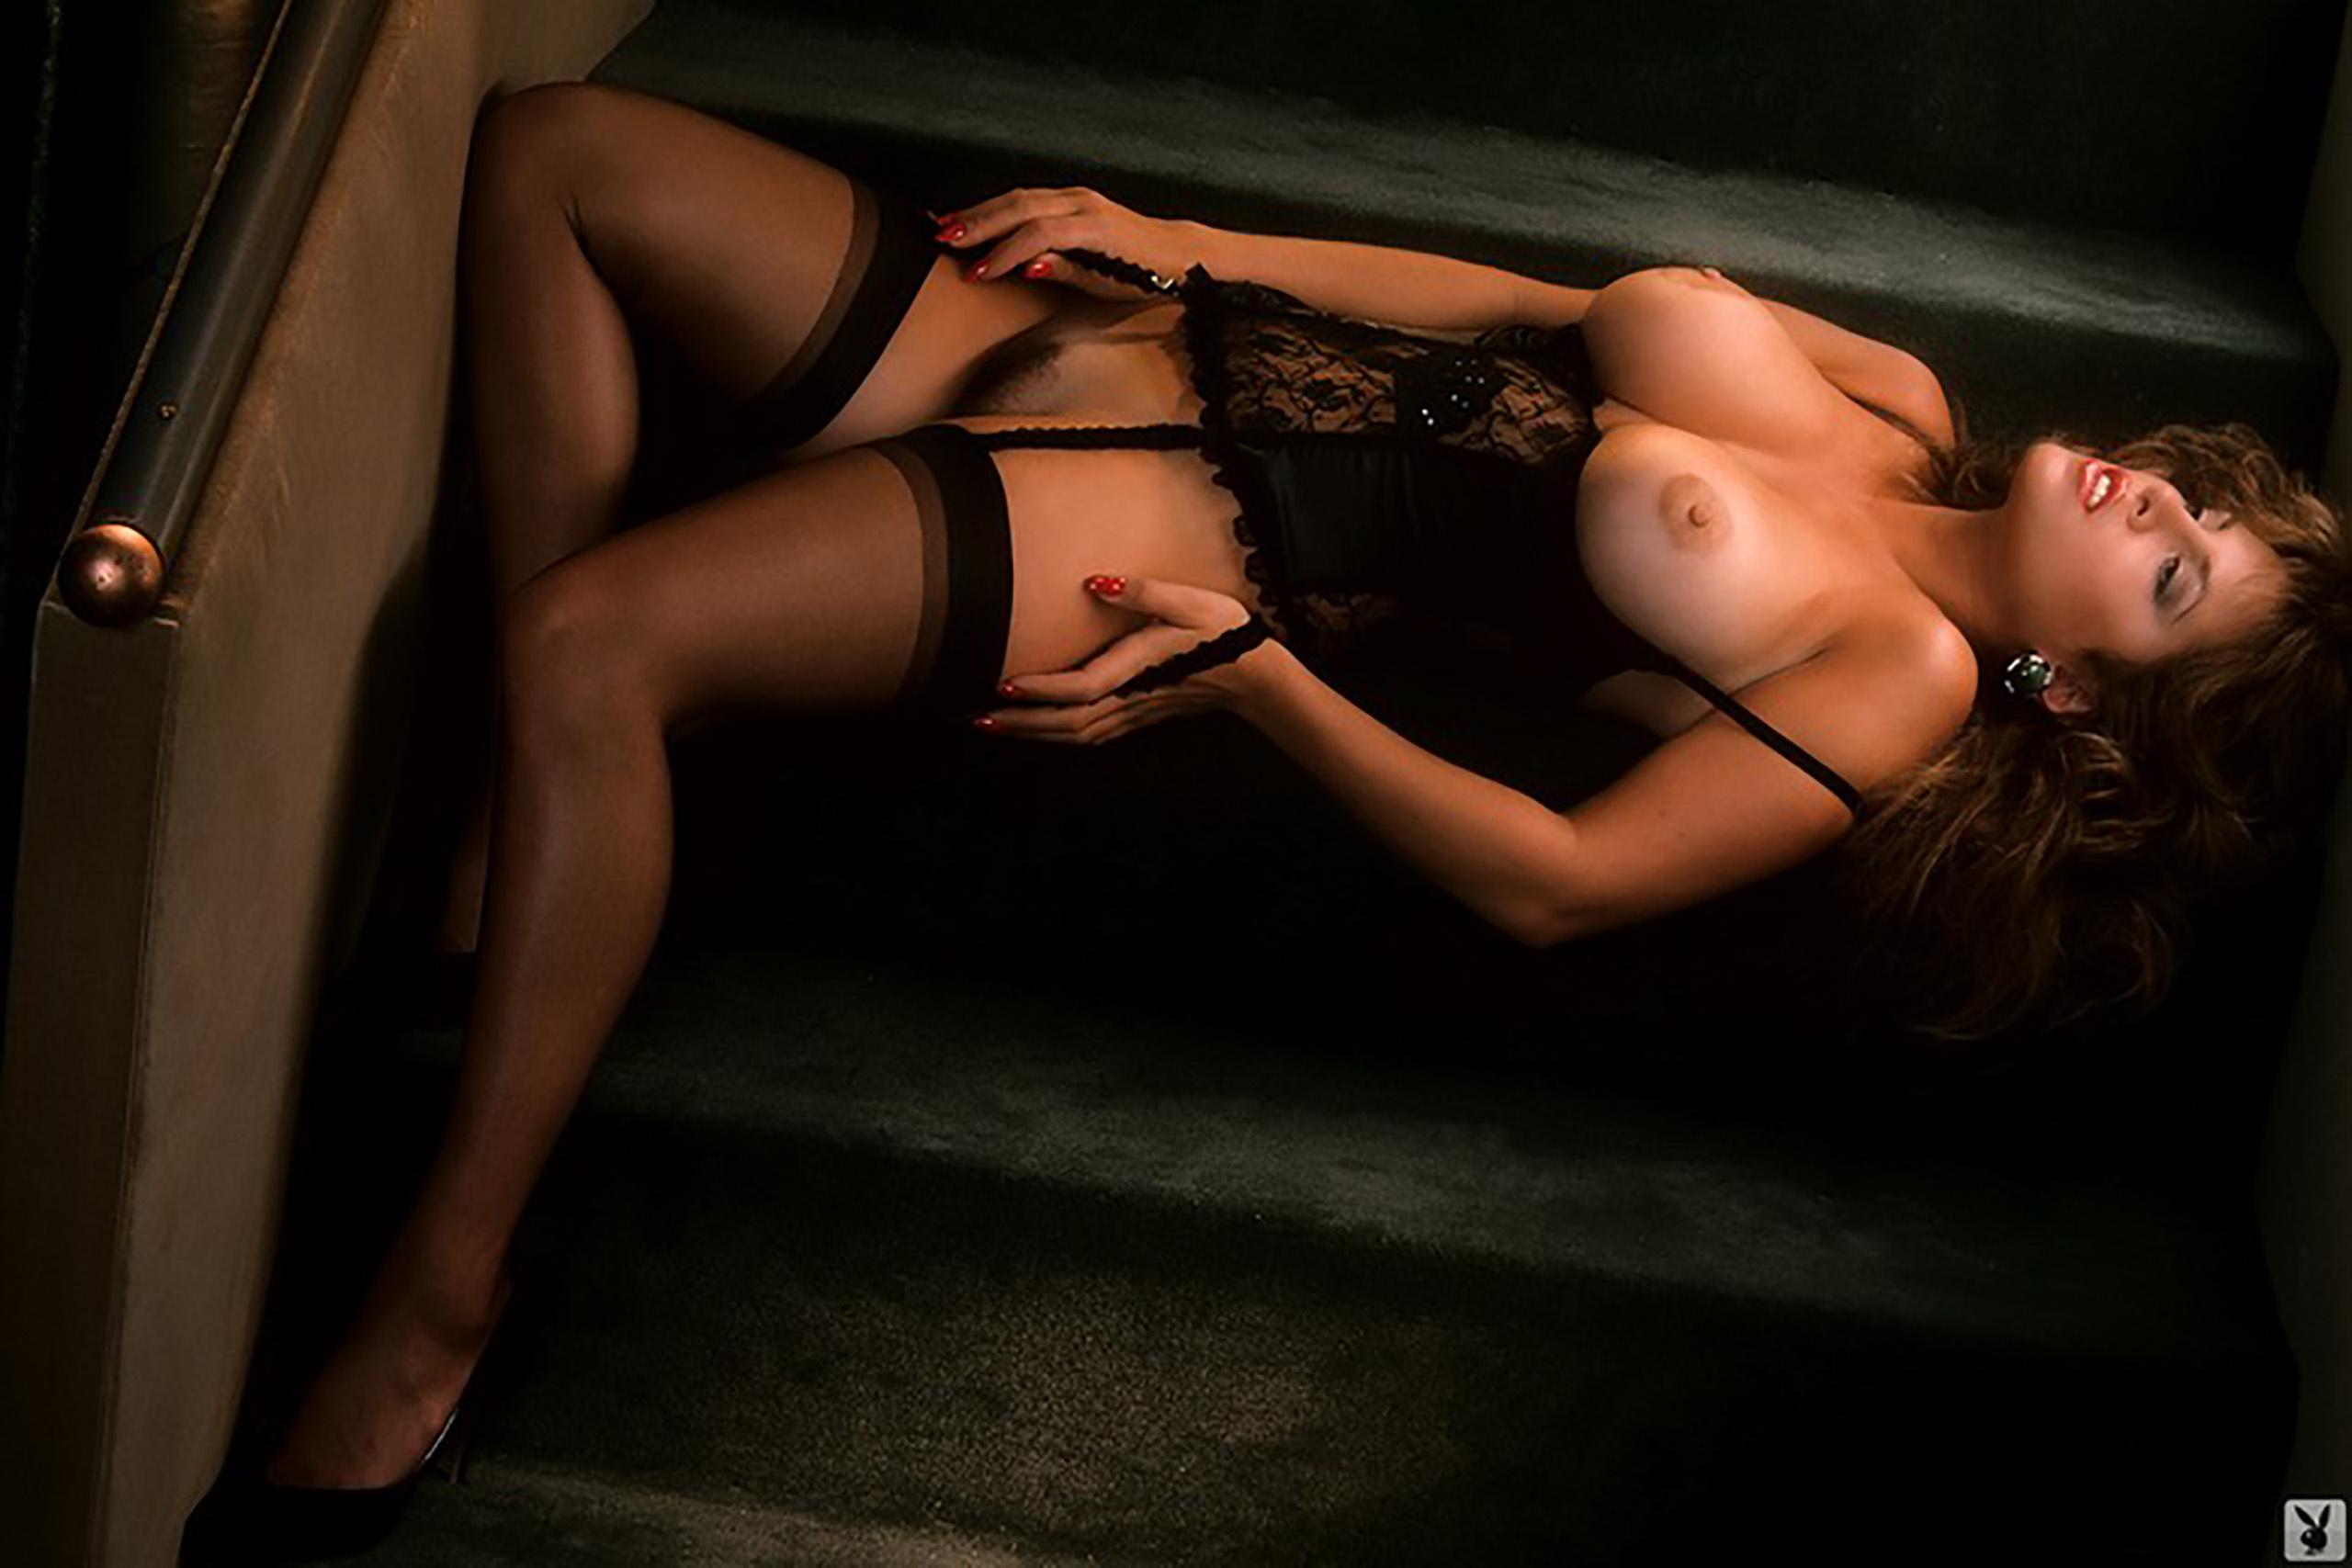 jessica hahn naked pics